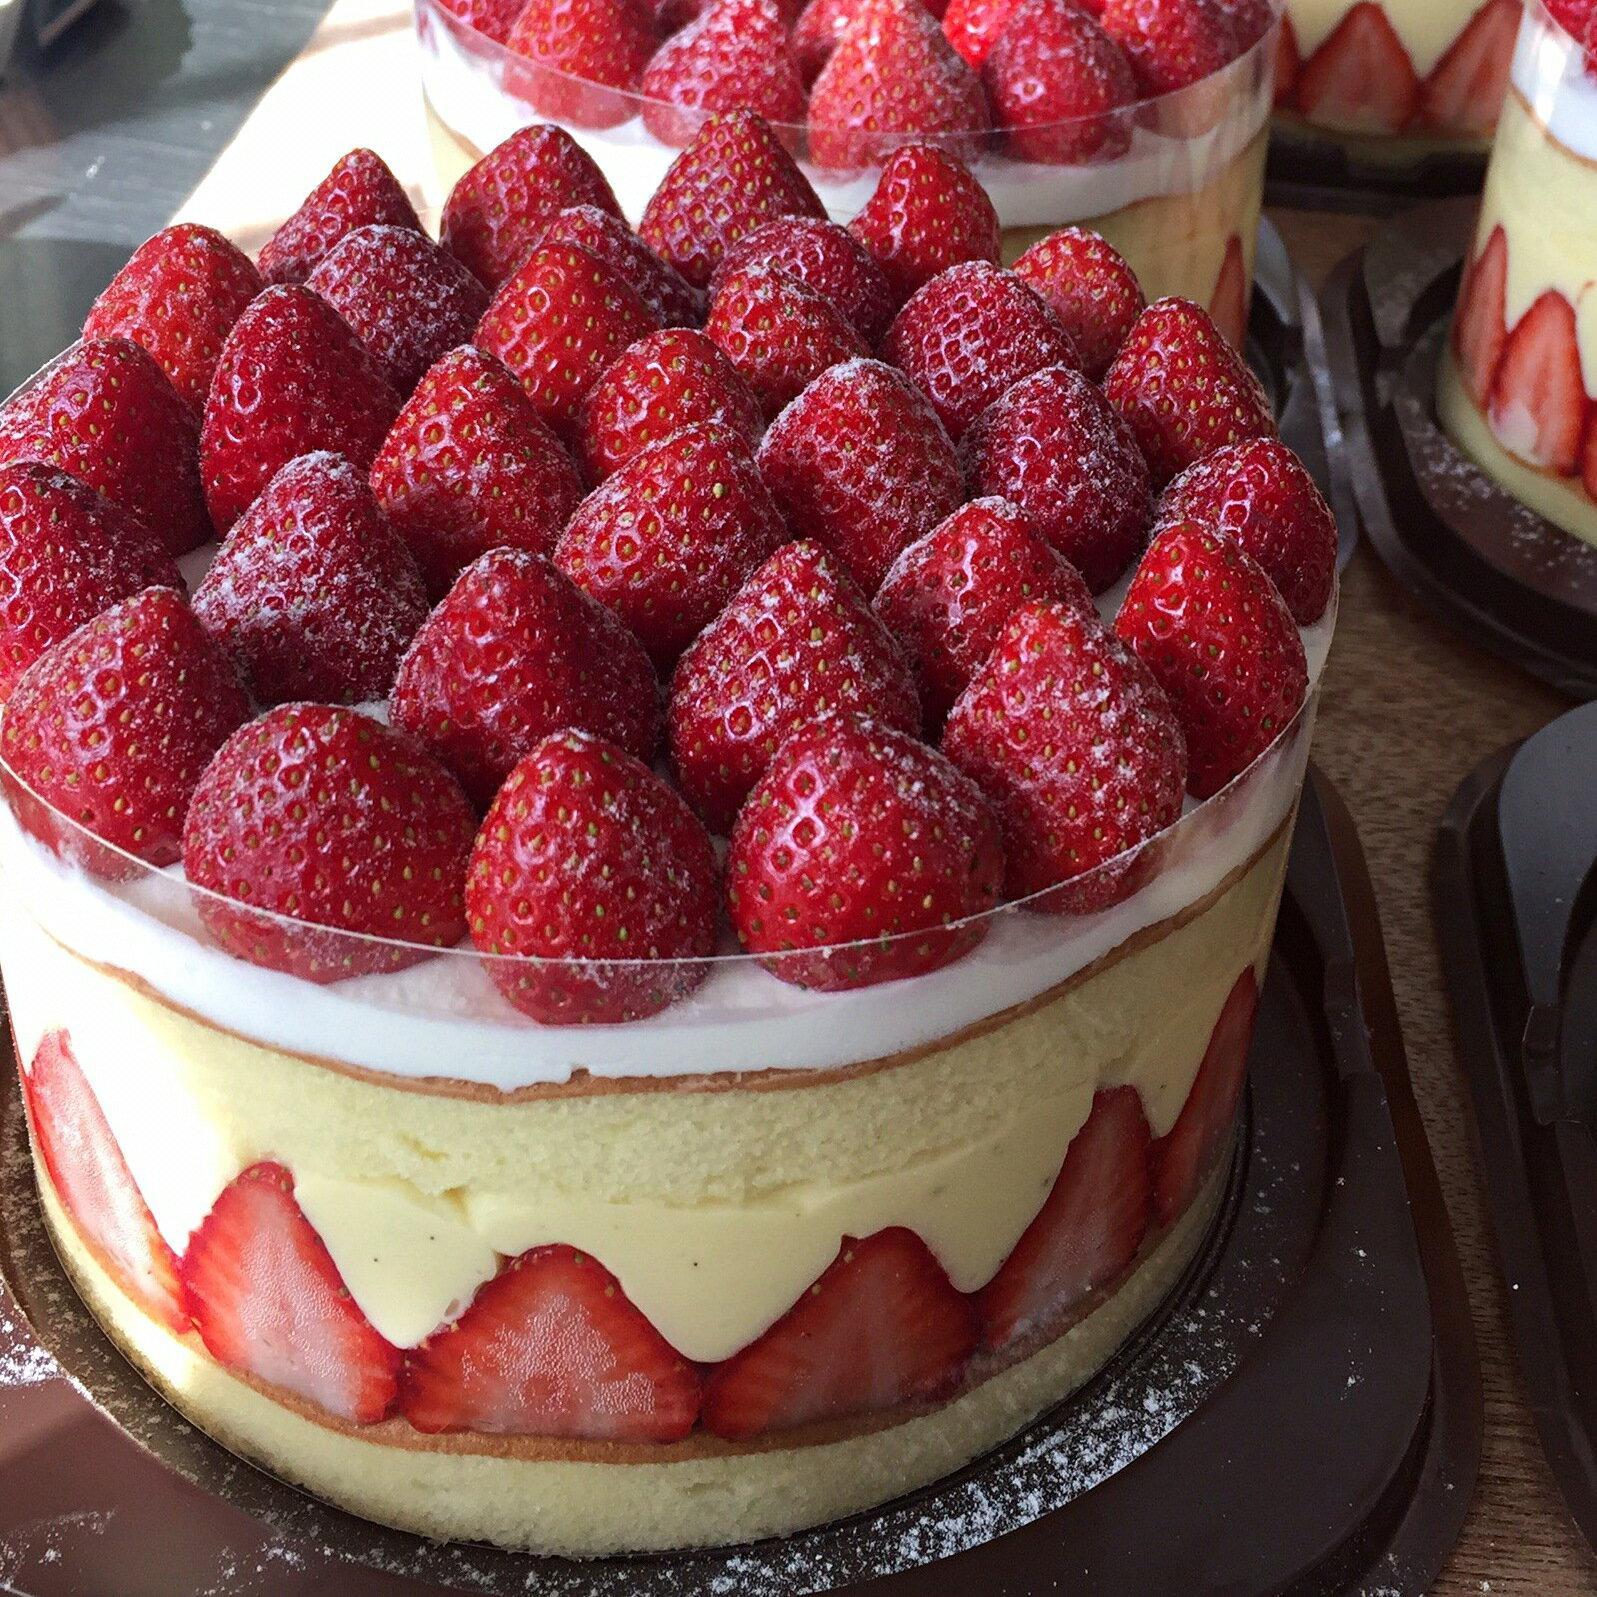 大家都在搶👉6吋皇室卡士達草莓蛋糕↘$999▶免運【固定每週五六到貨】(1 / 13-1 / 29)暫停出貨 4